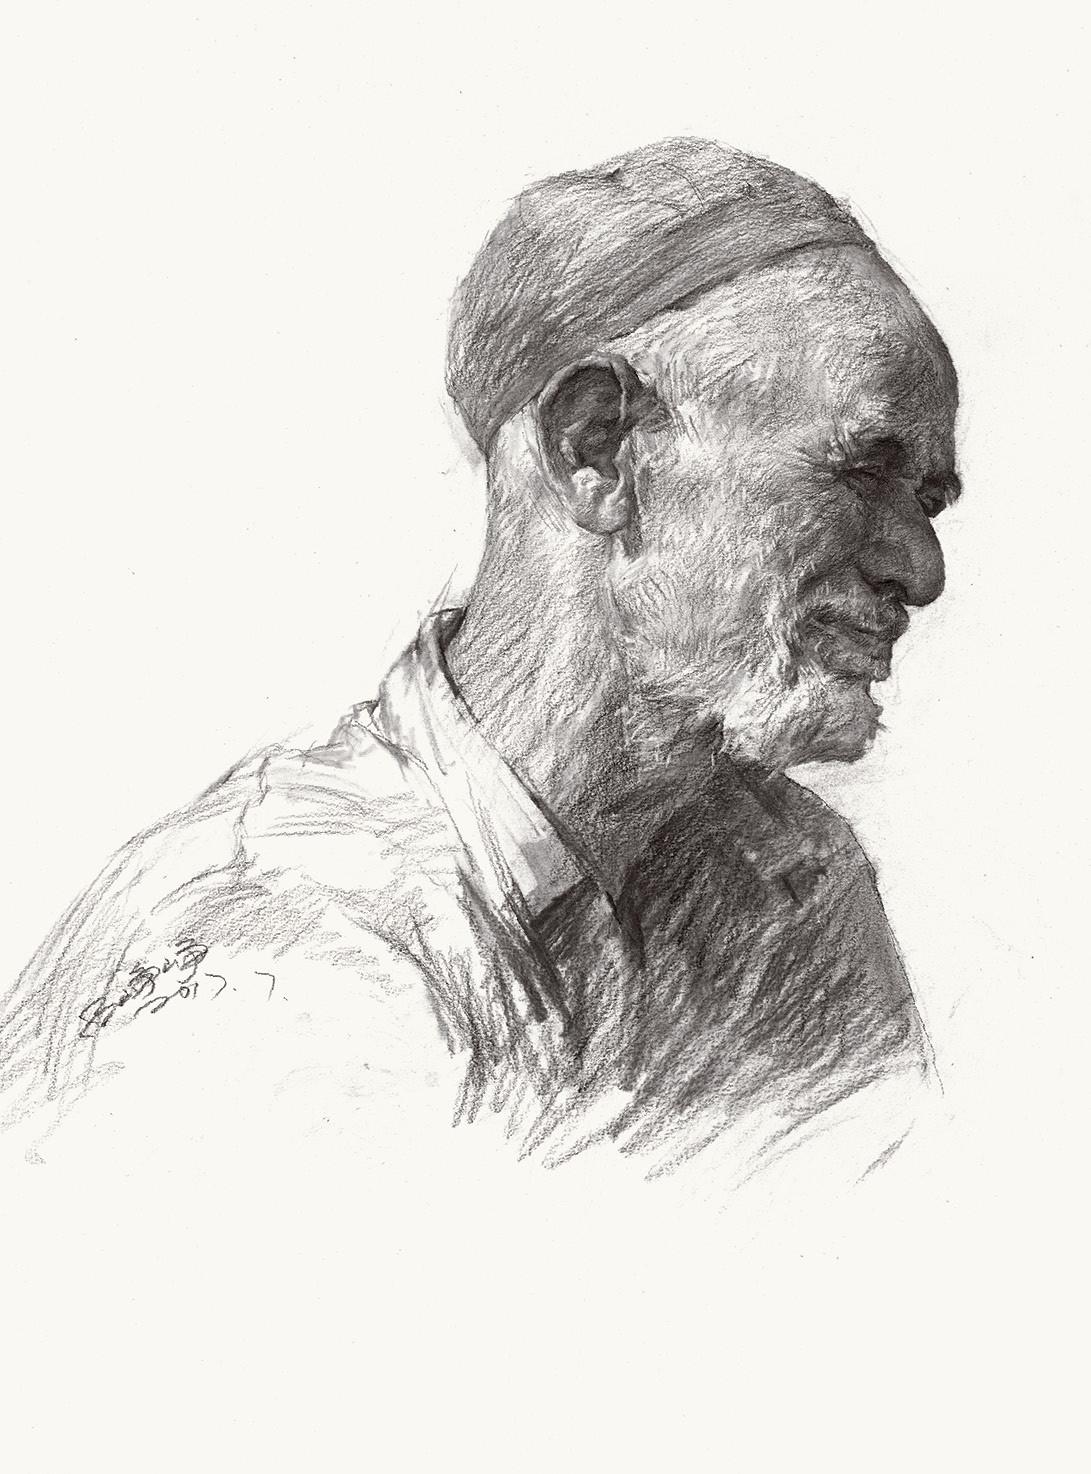 2017峥峥素描2 吕峥峥素描头像精选 素描头像临摹 范画对照